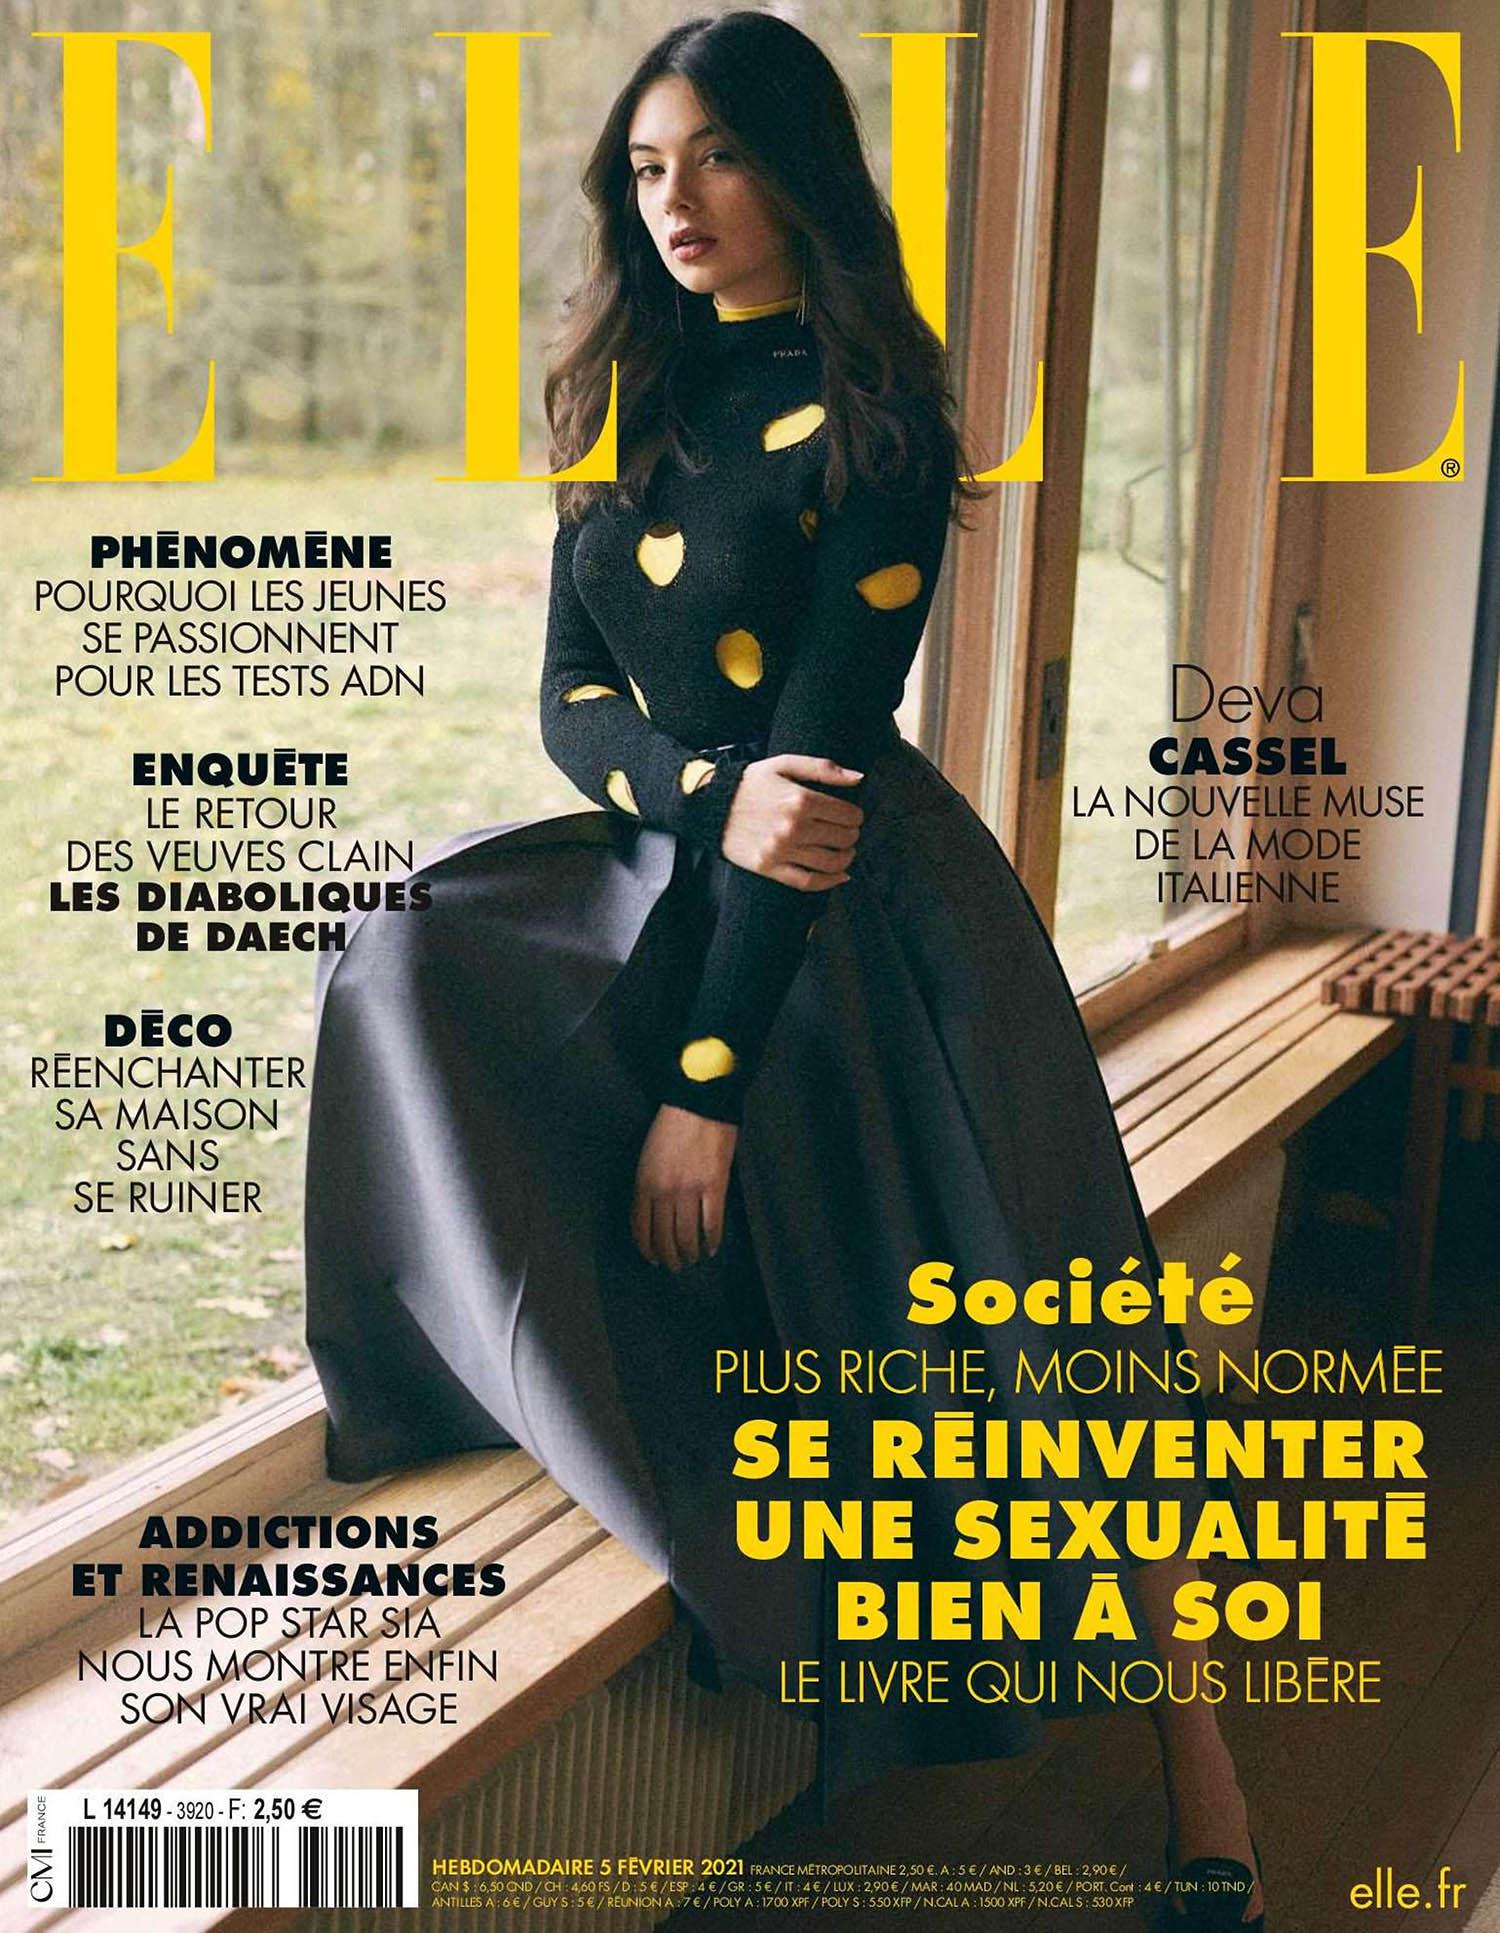 ფრანგულმა ჟურნალმა Elle დევა კასელის ფოტოები დაბეჭდა